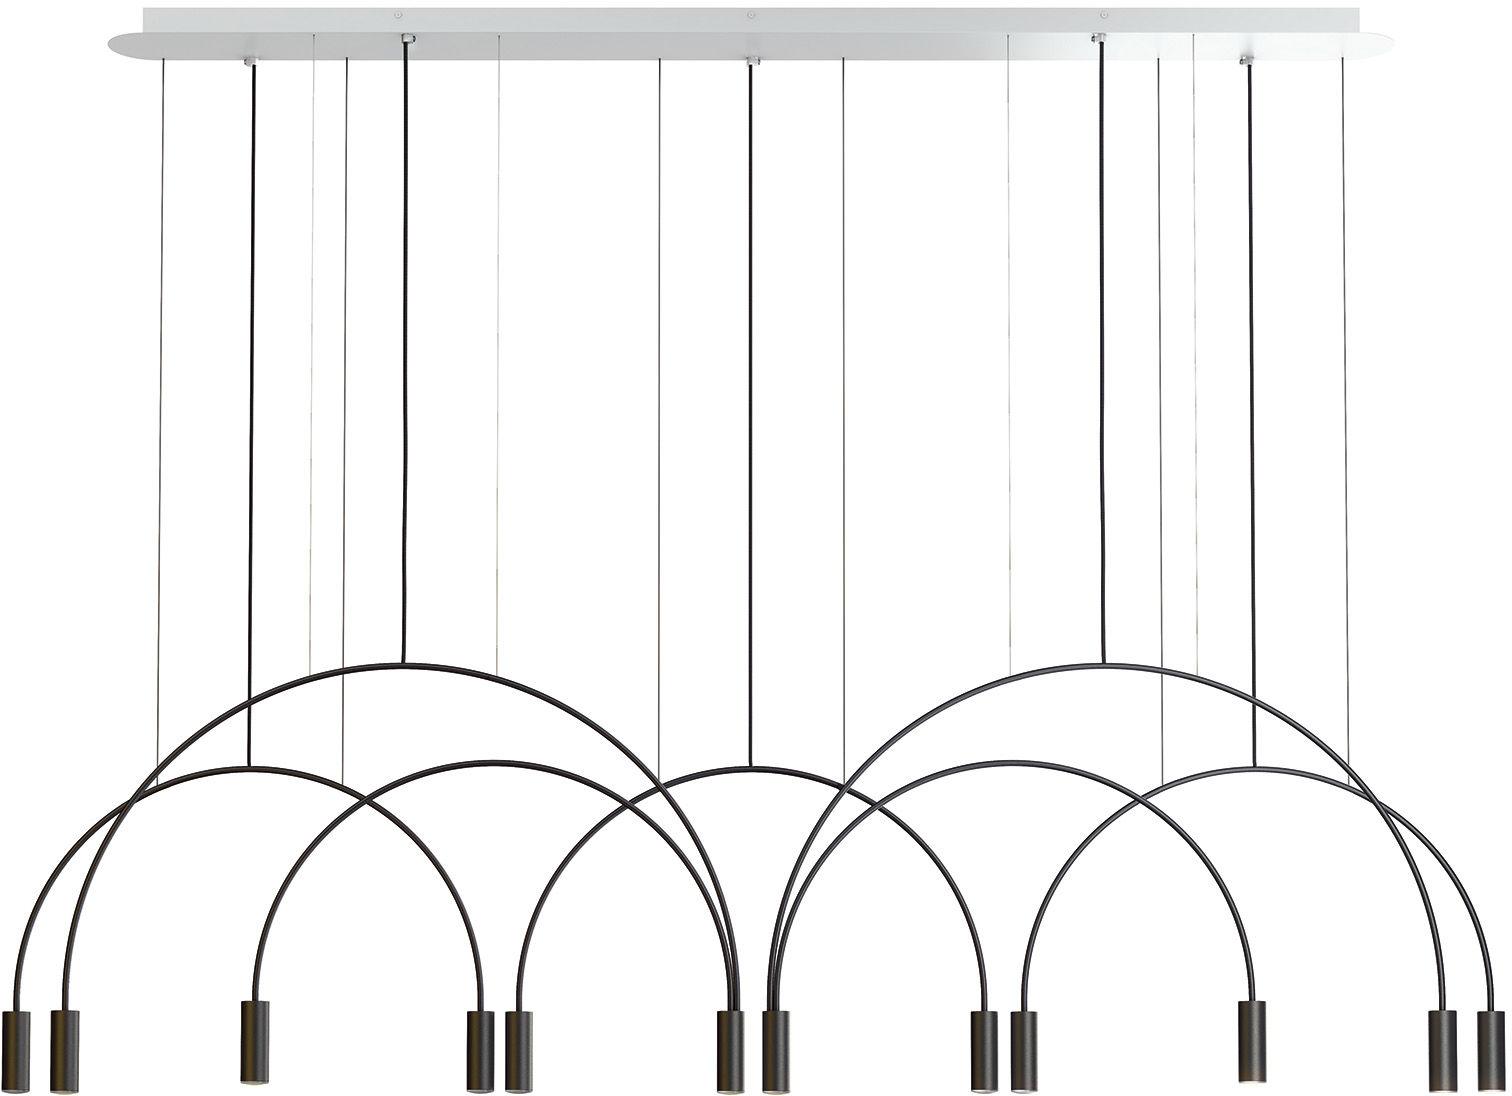 Lampa wisząca Volta L165.3D2T Estiluz dekoracyjna oprawa w nowoczesnym stylu